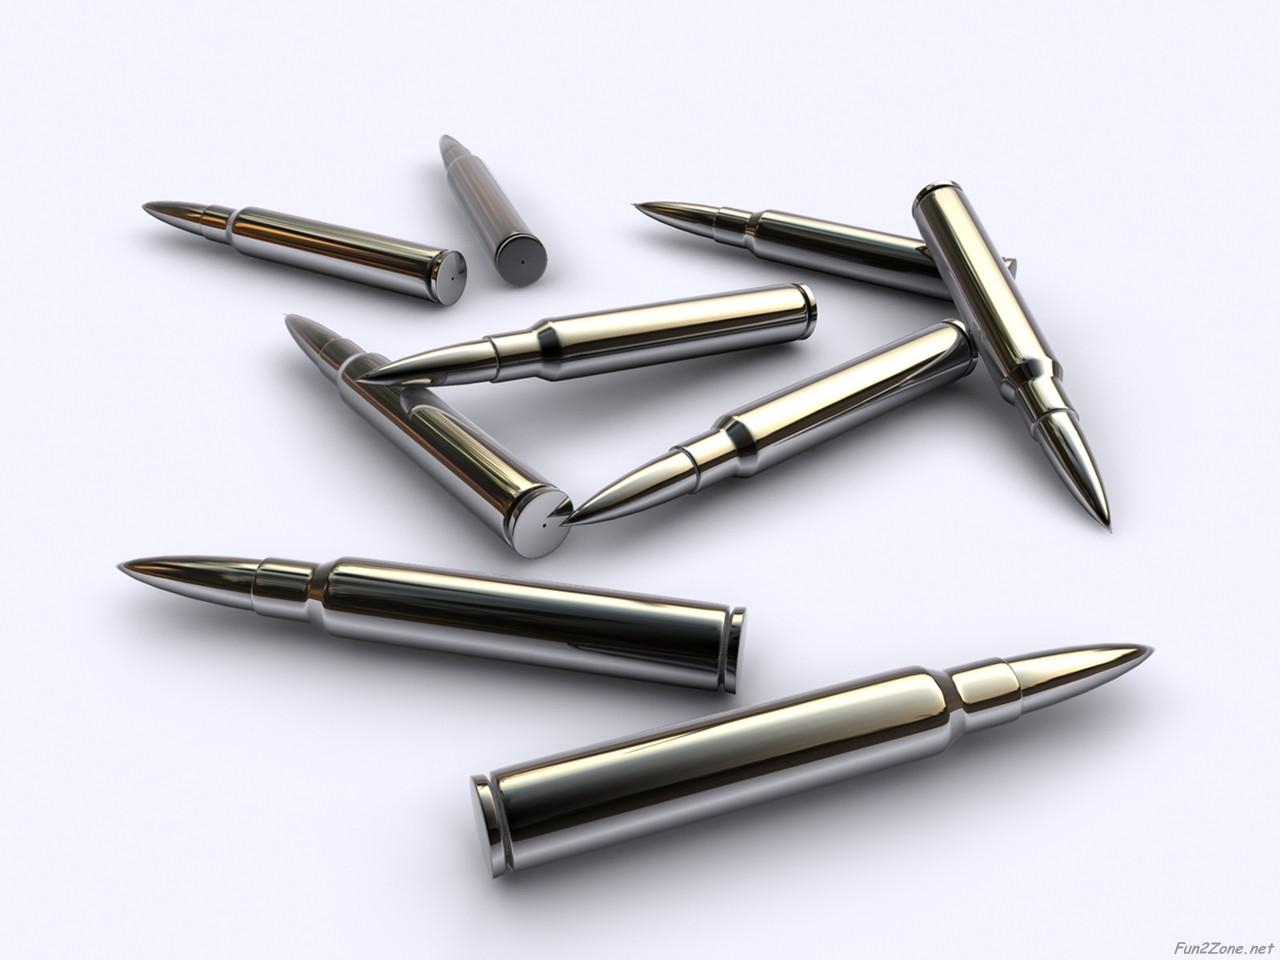 http://2.bp.blogspot.com/-cPDM3xsvTHM/T5K-x-VyQsI/AAAAAAAAAME/Tg9fLBrrUiw/s1600/Amazing+HD+Bullets+Wallpaper.jpg